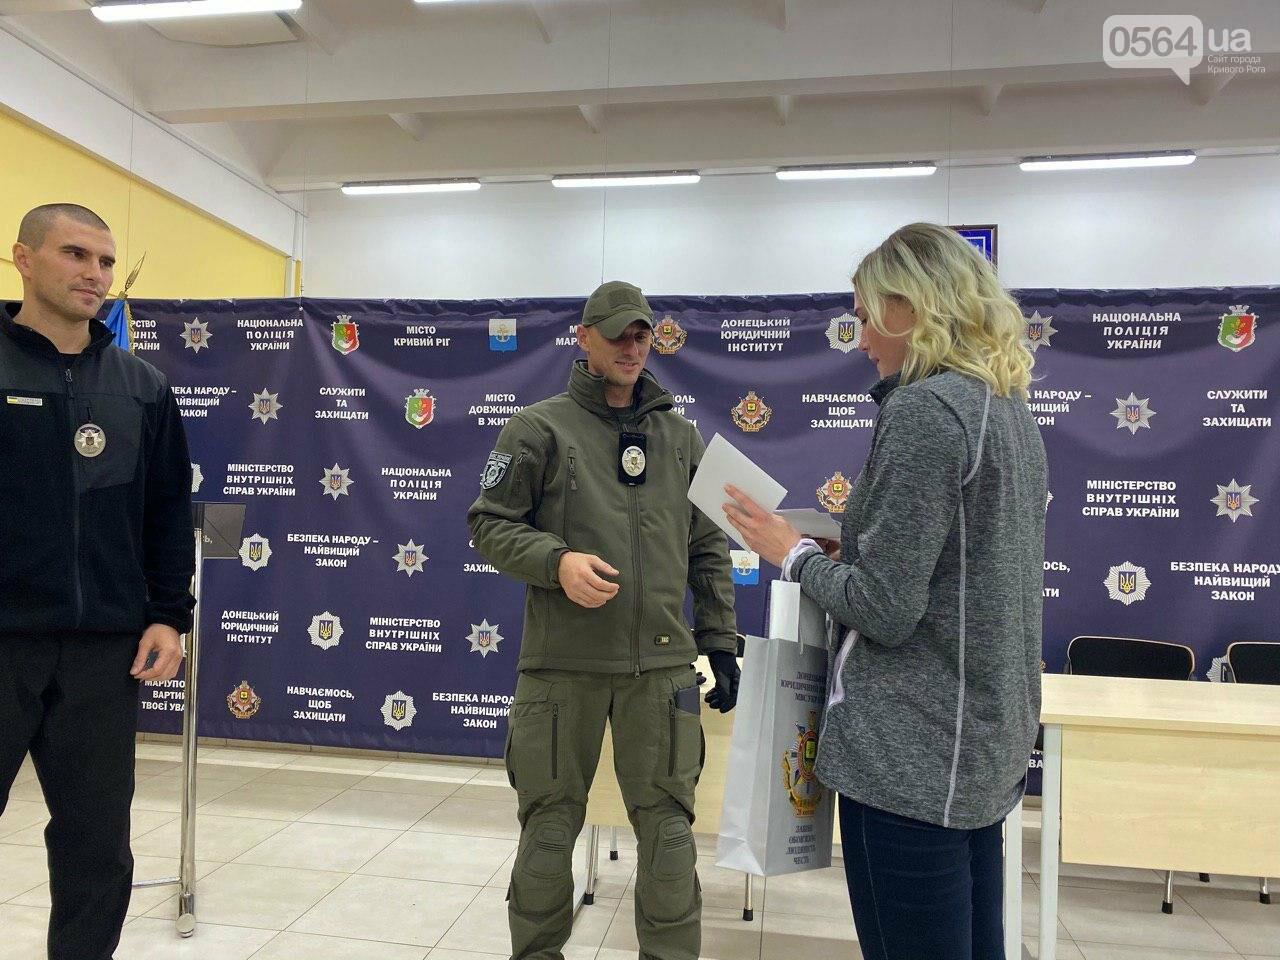 Инструкторы ДЮИ МВД обучали криворожских журналистов, как действовать в чрезвычайных ситуациях, - ФОТО, ВИДЕО , фото-8